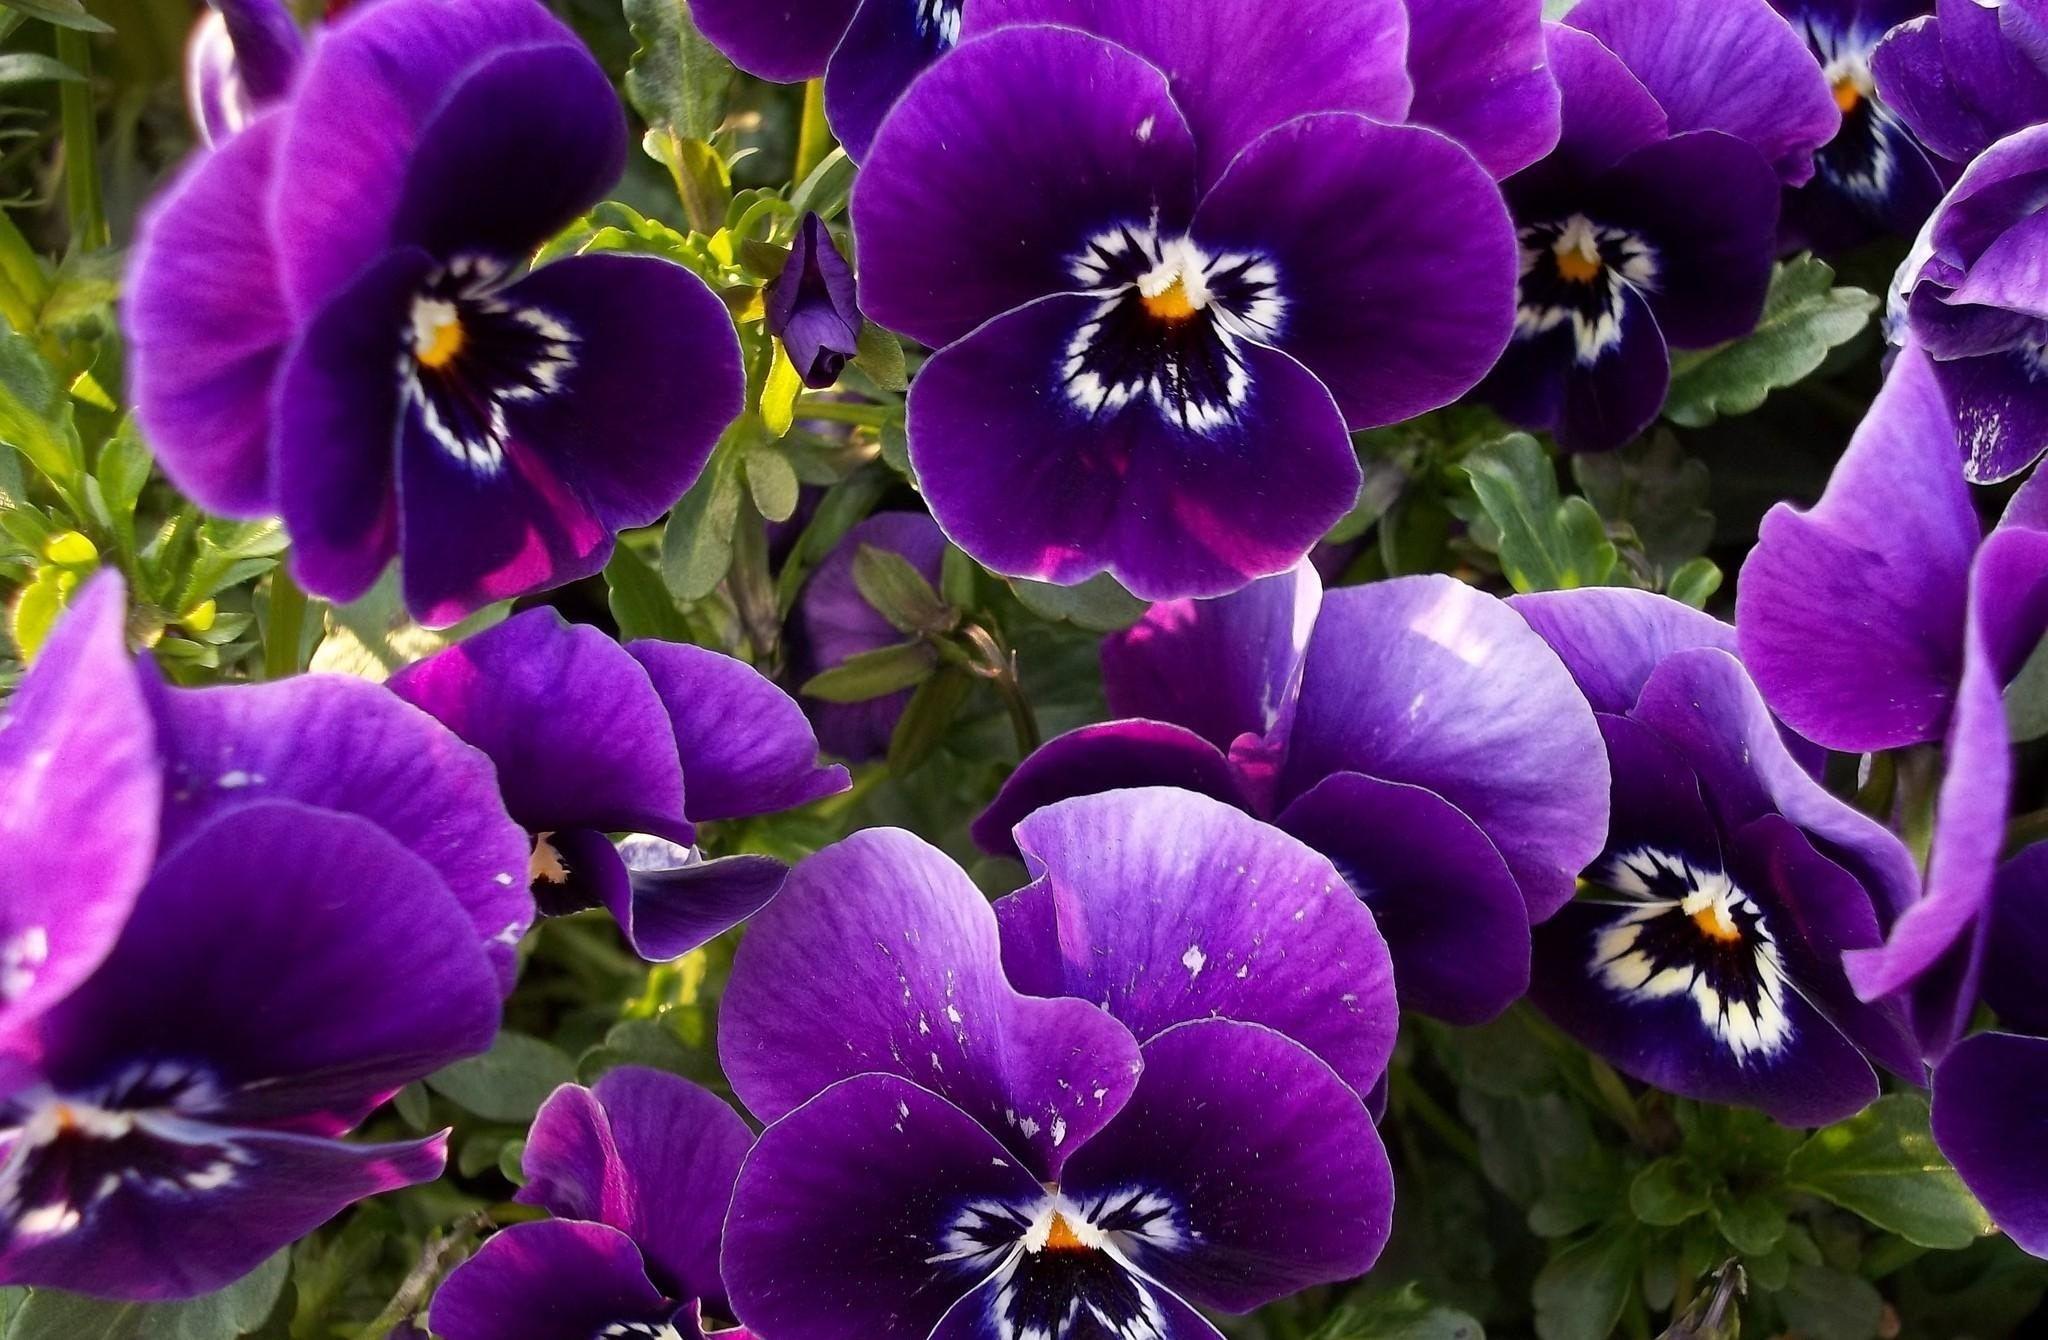 анютины глазки цветы фото: 14 тыс изображений найдено в ...